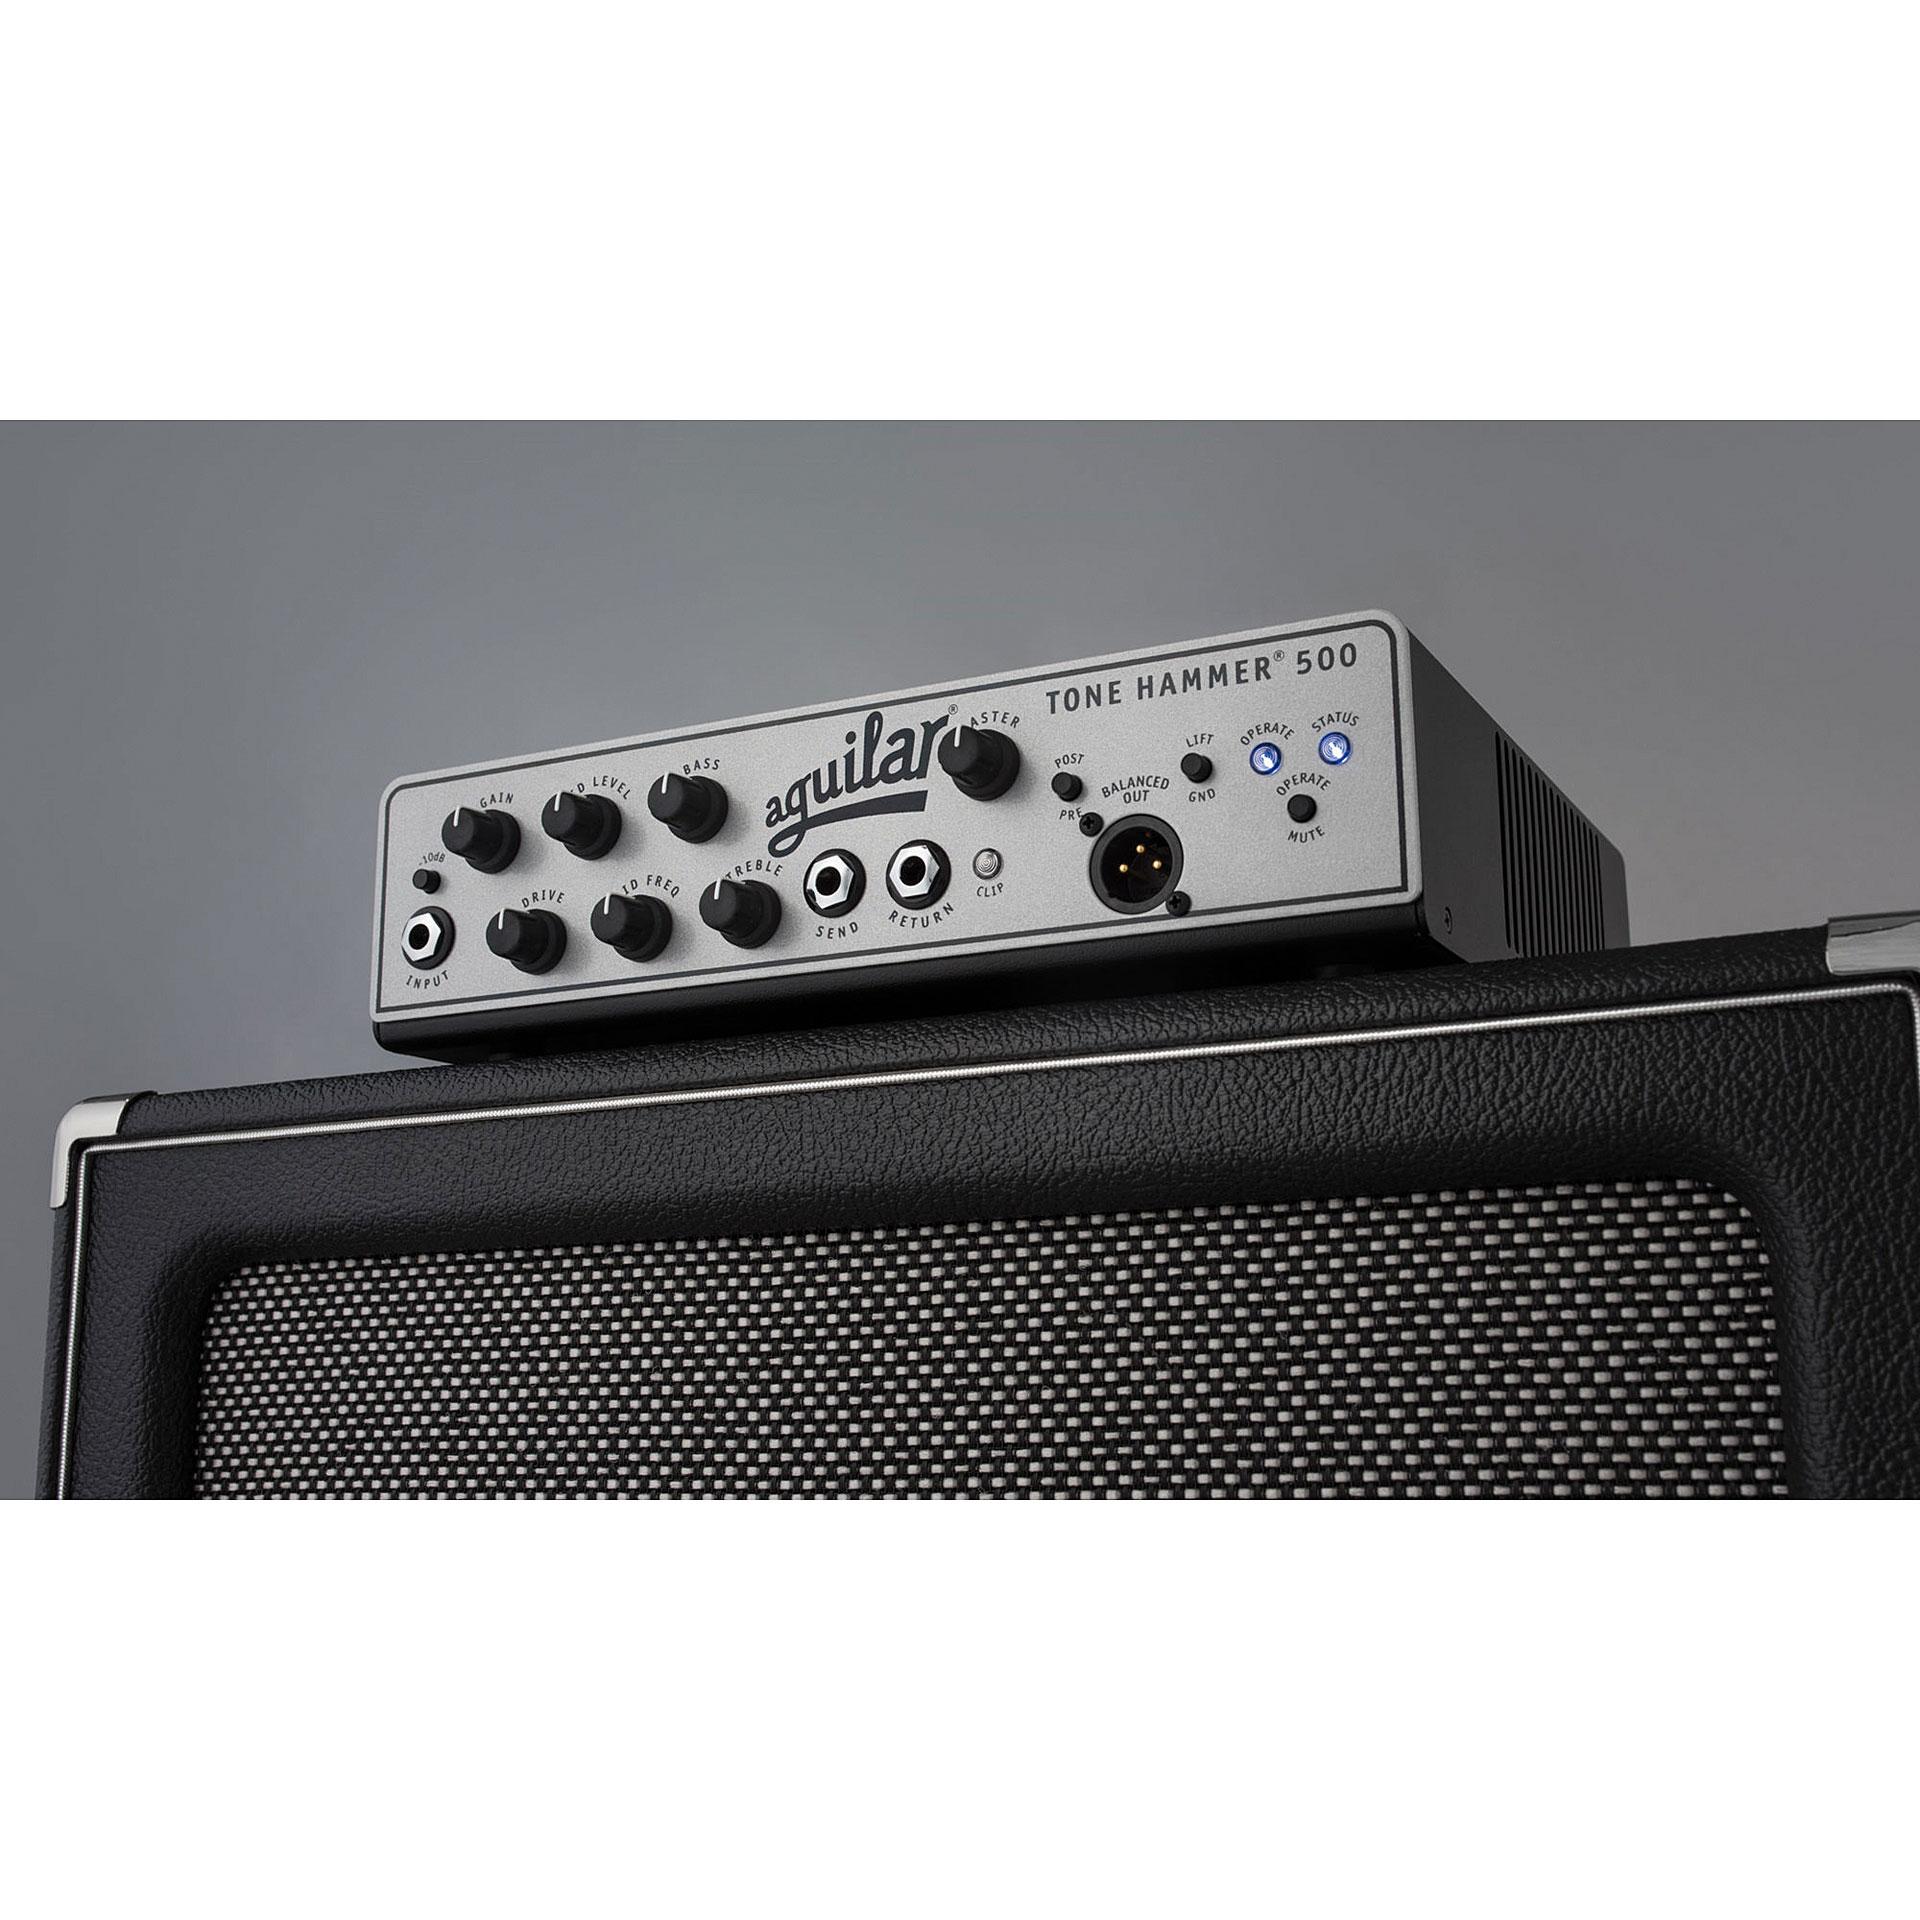 aguilar tone hammer 500 bass amp head musik produktiv. Black Bedroom Furniture Sets. Home Design Ideas